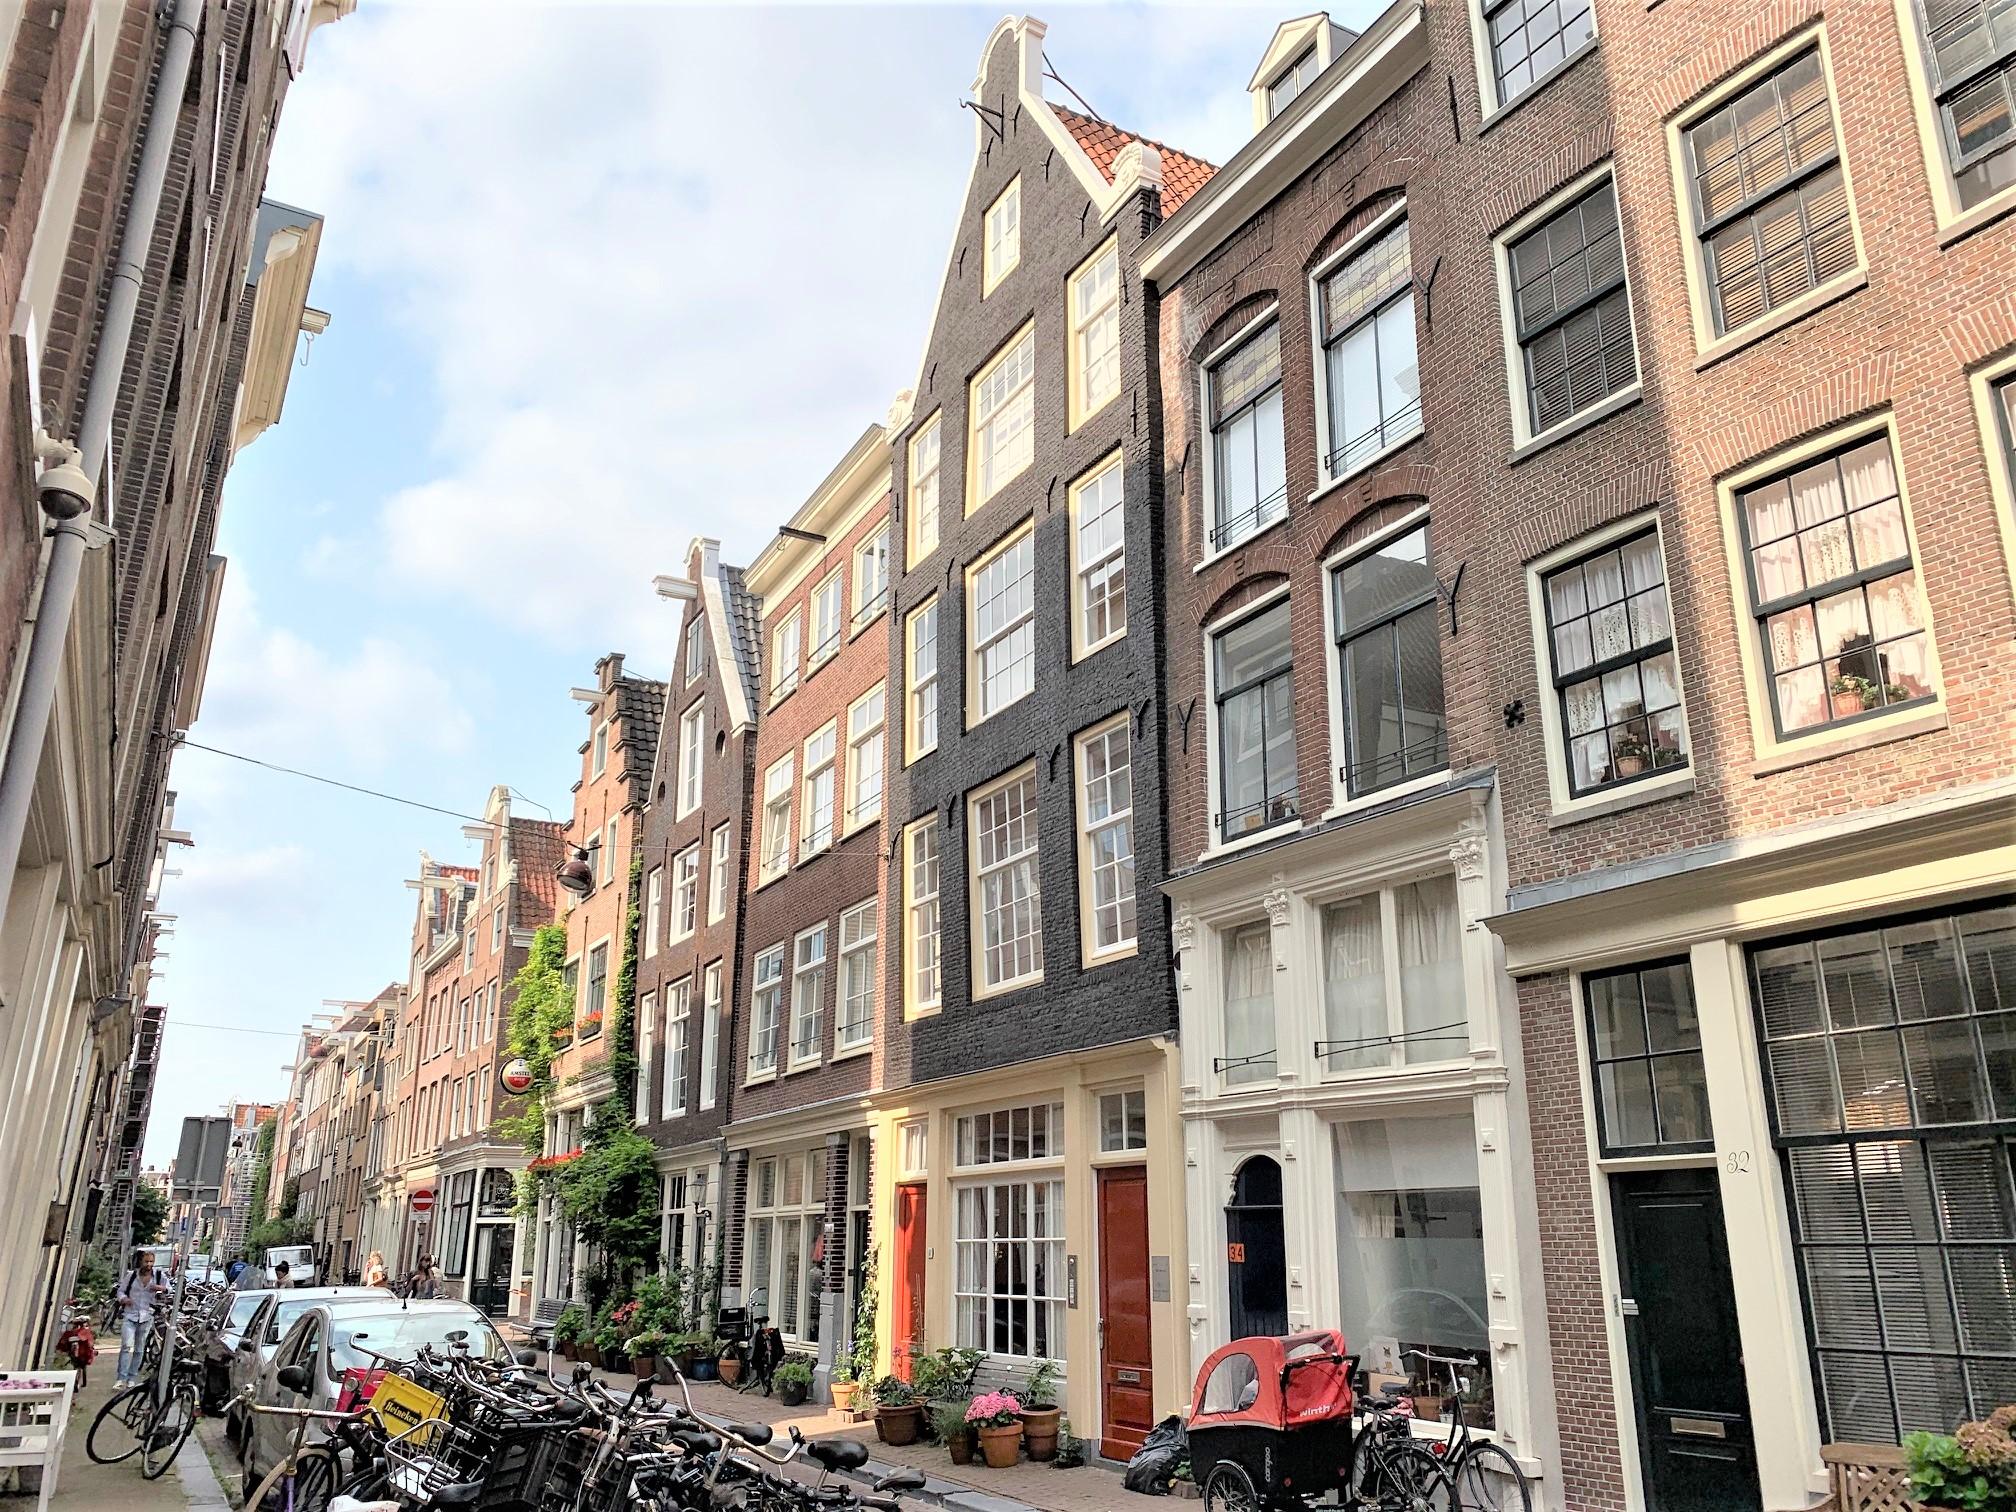 Bloemstraat, Amsterdam